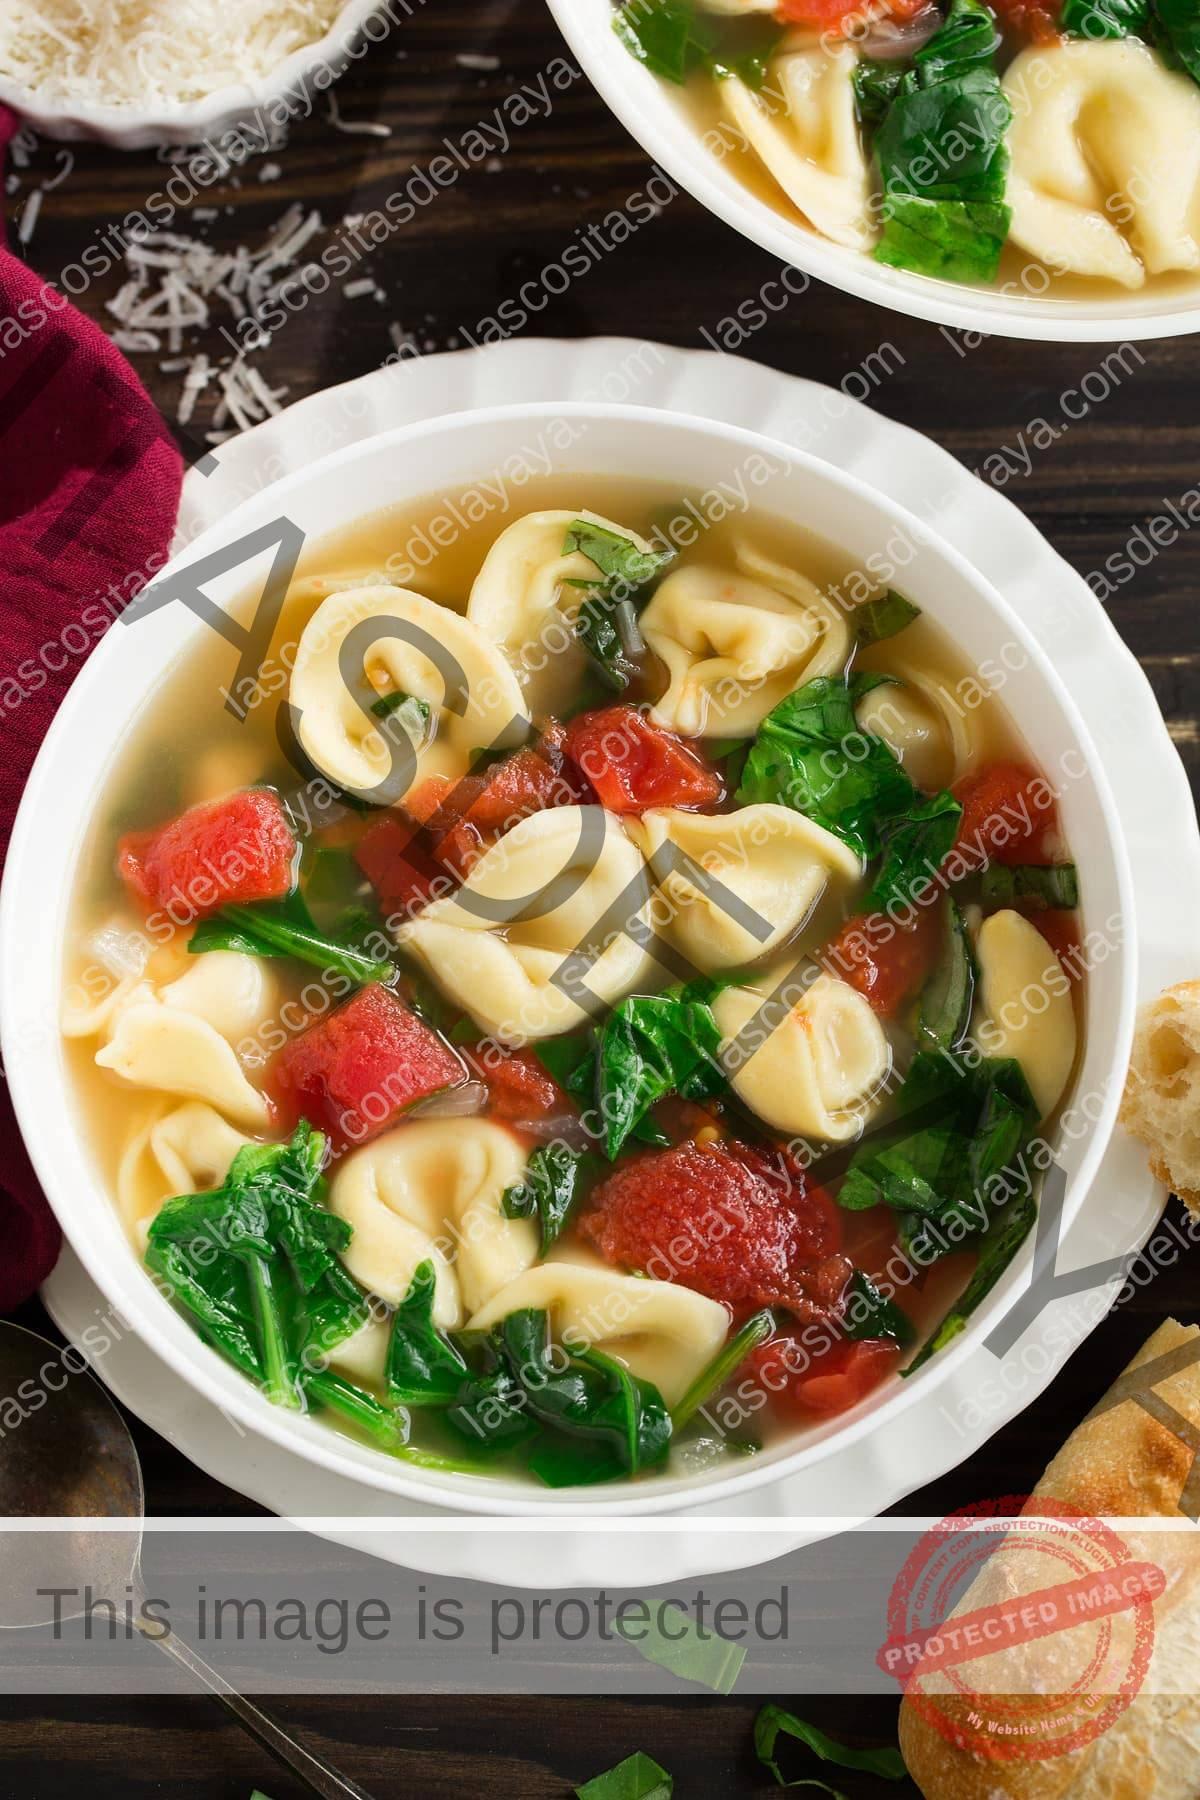 Imagen aérea de sopa de tortellini en un tazón de servir blanco.